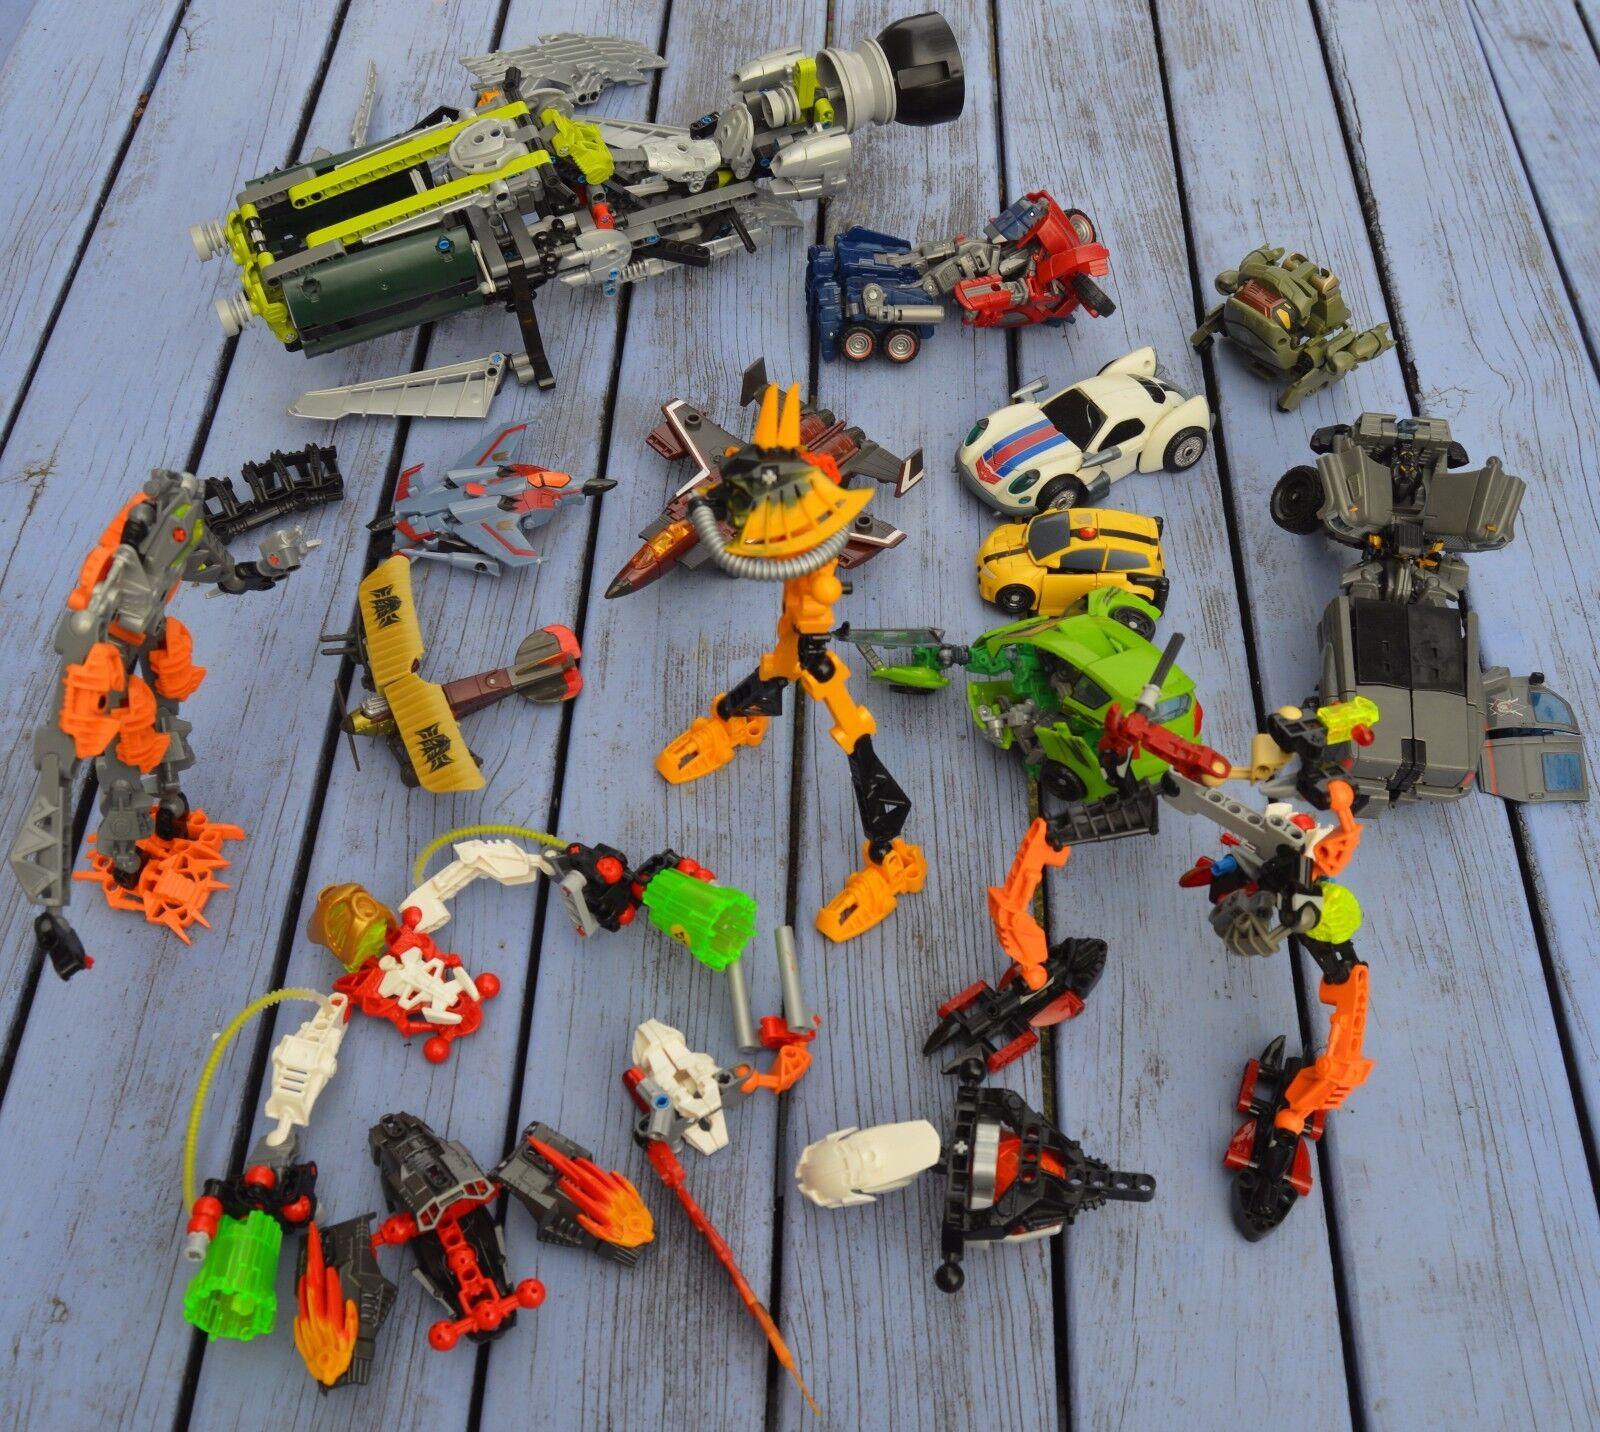 Lot important de Transformers, marques diverses, complets et parfois non,